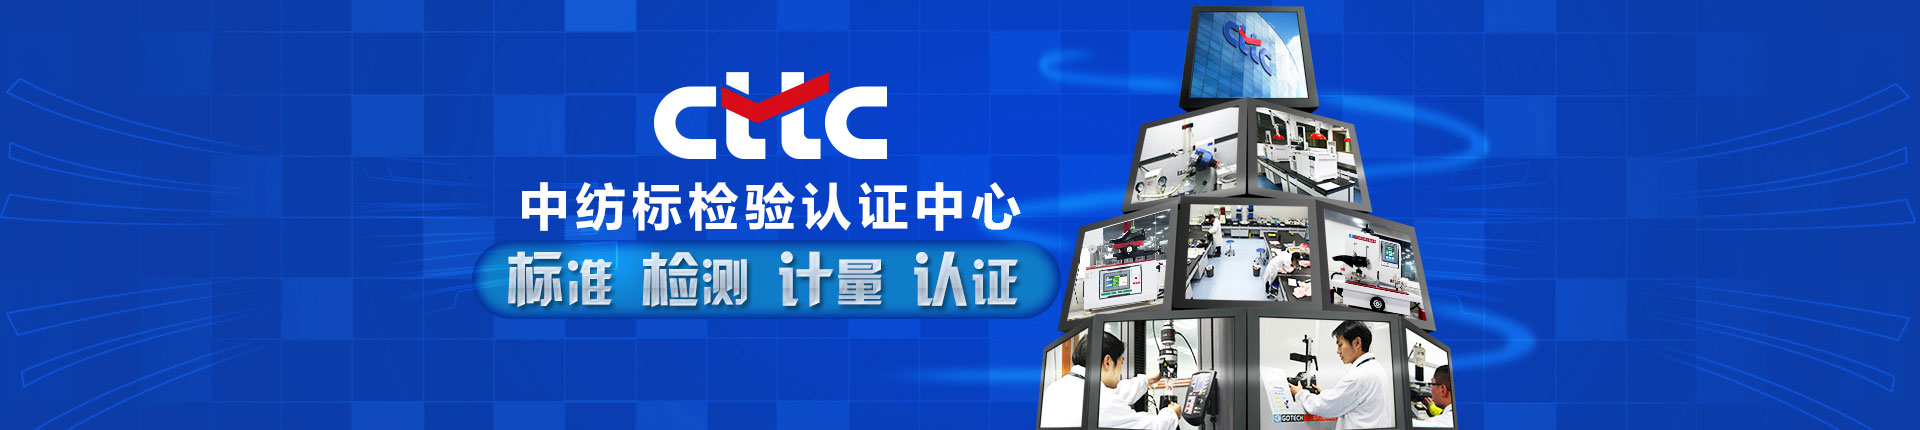 中纺标官方网站